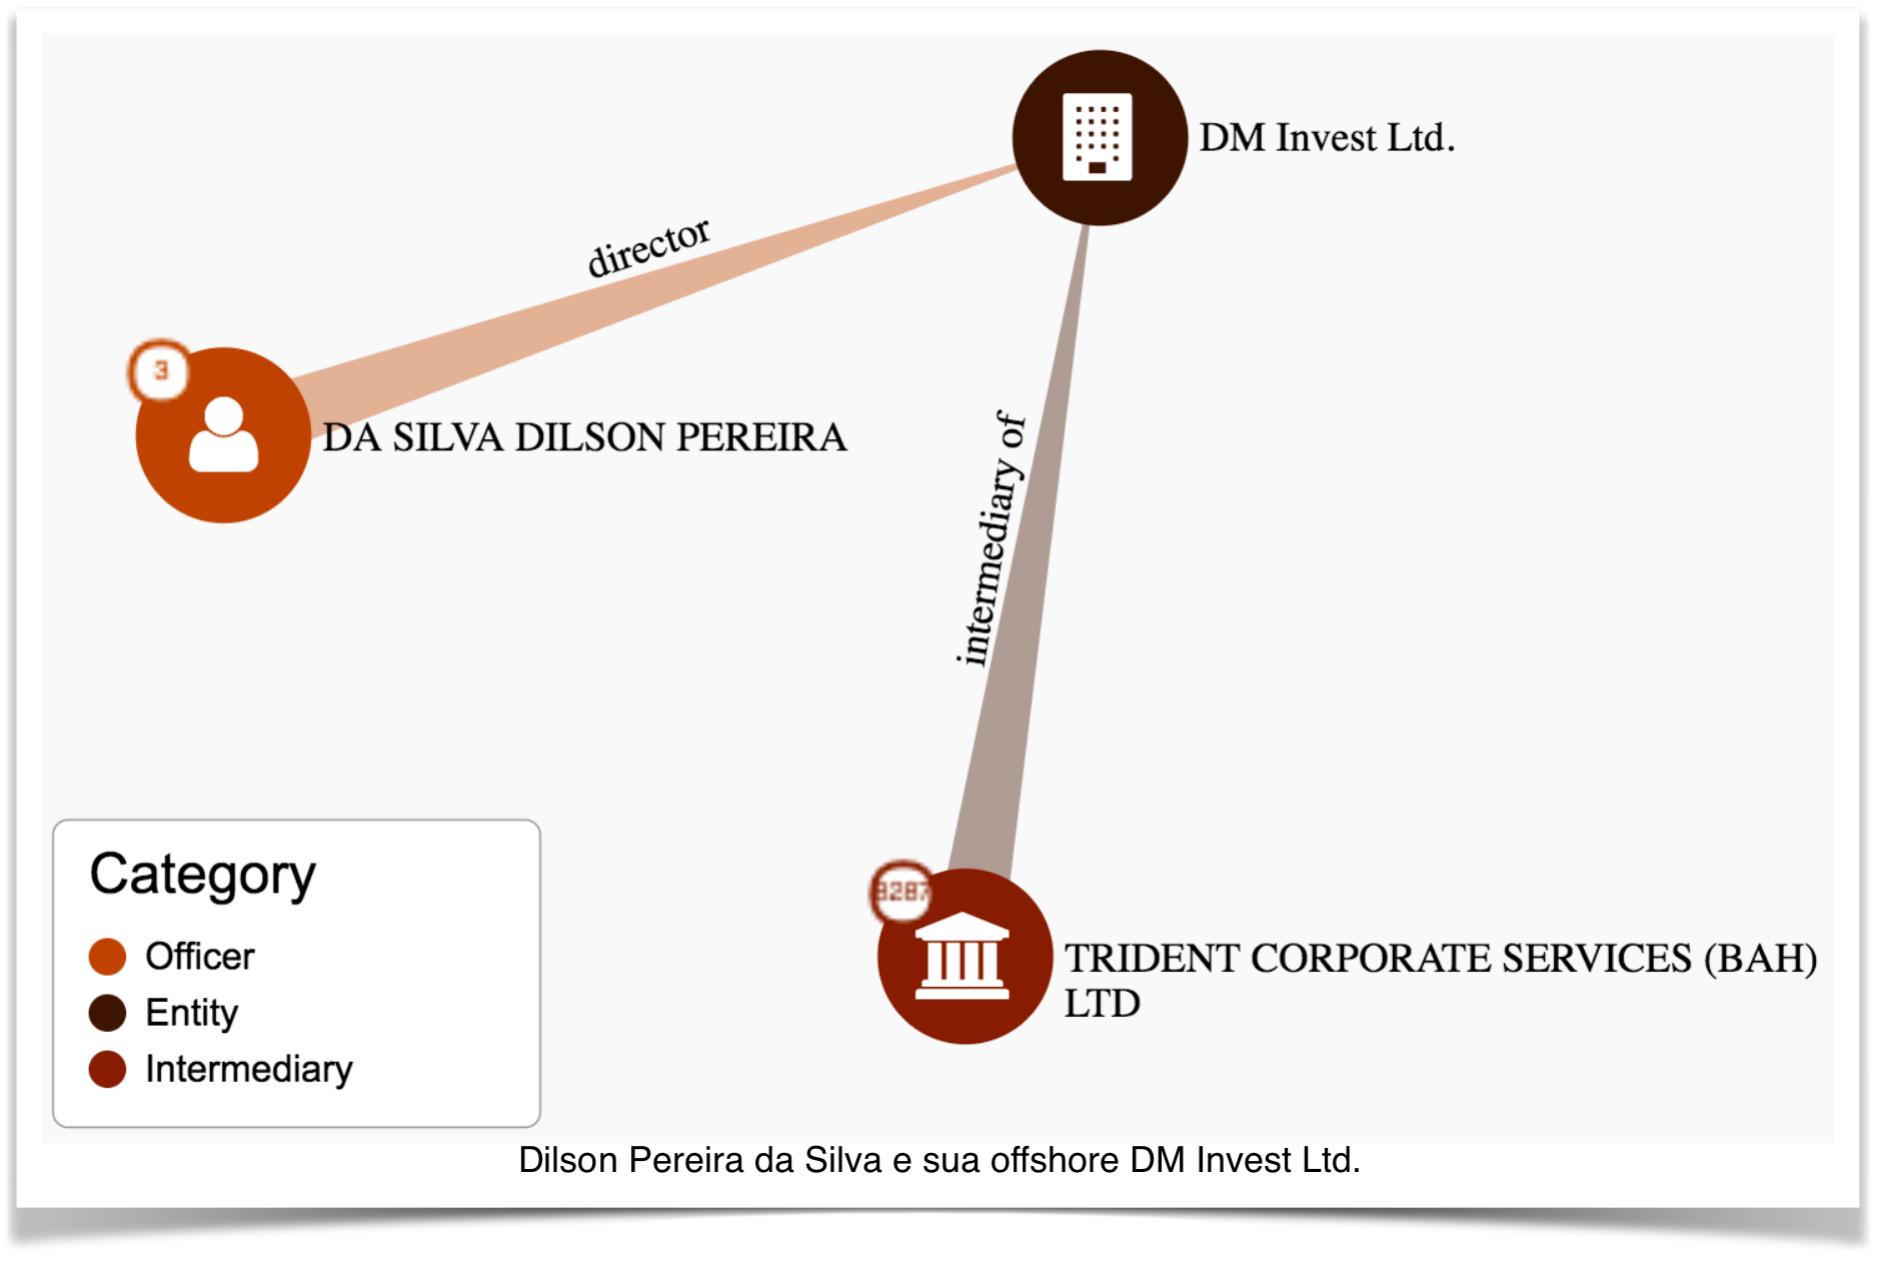 dilson-pereira-DM-invest